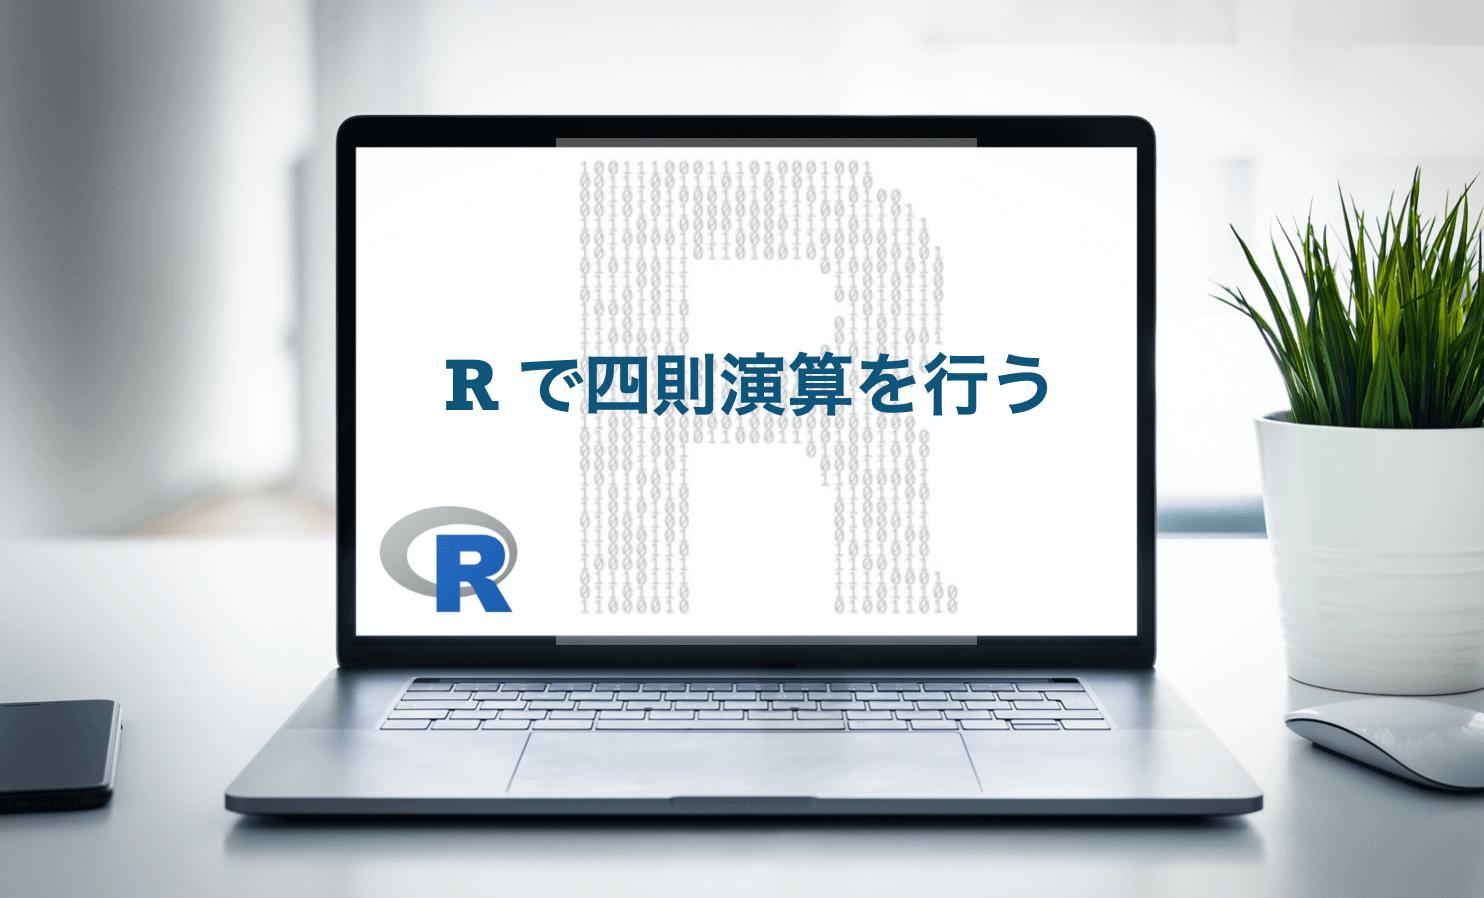 R 四則演算